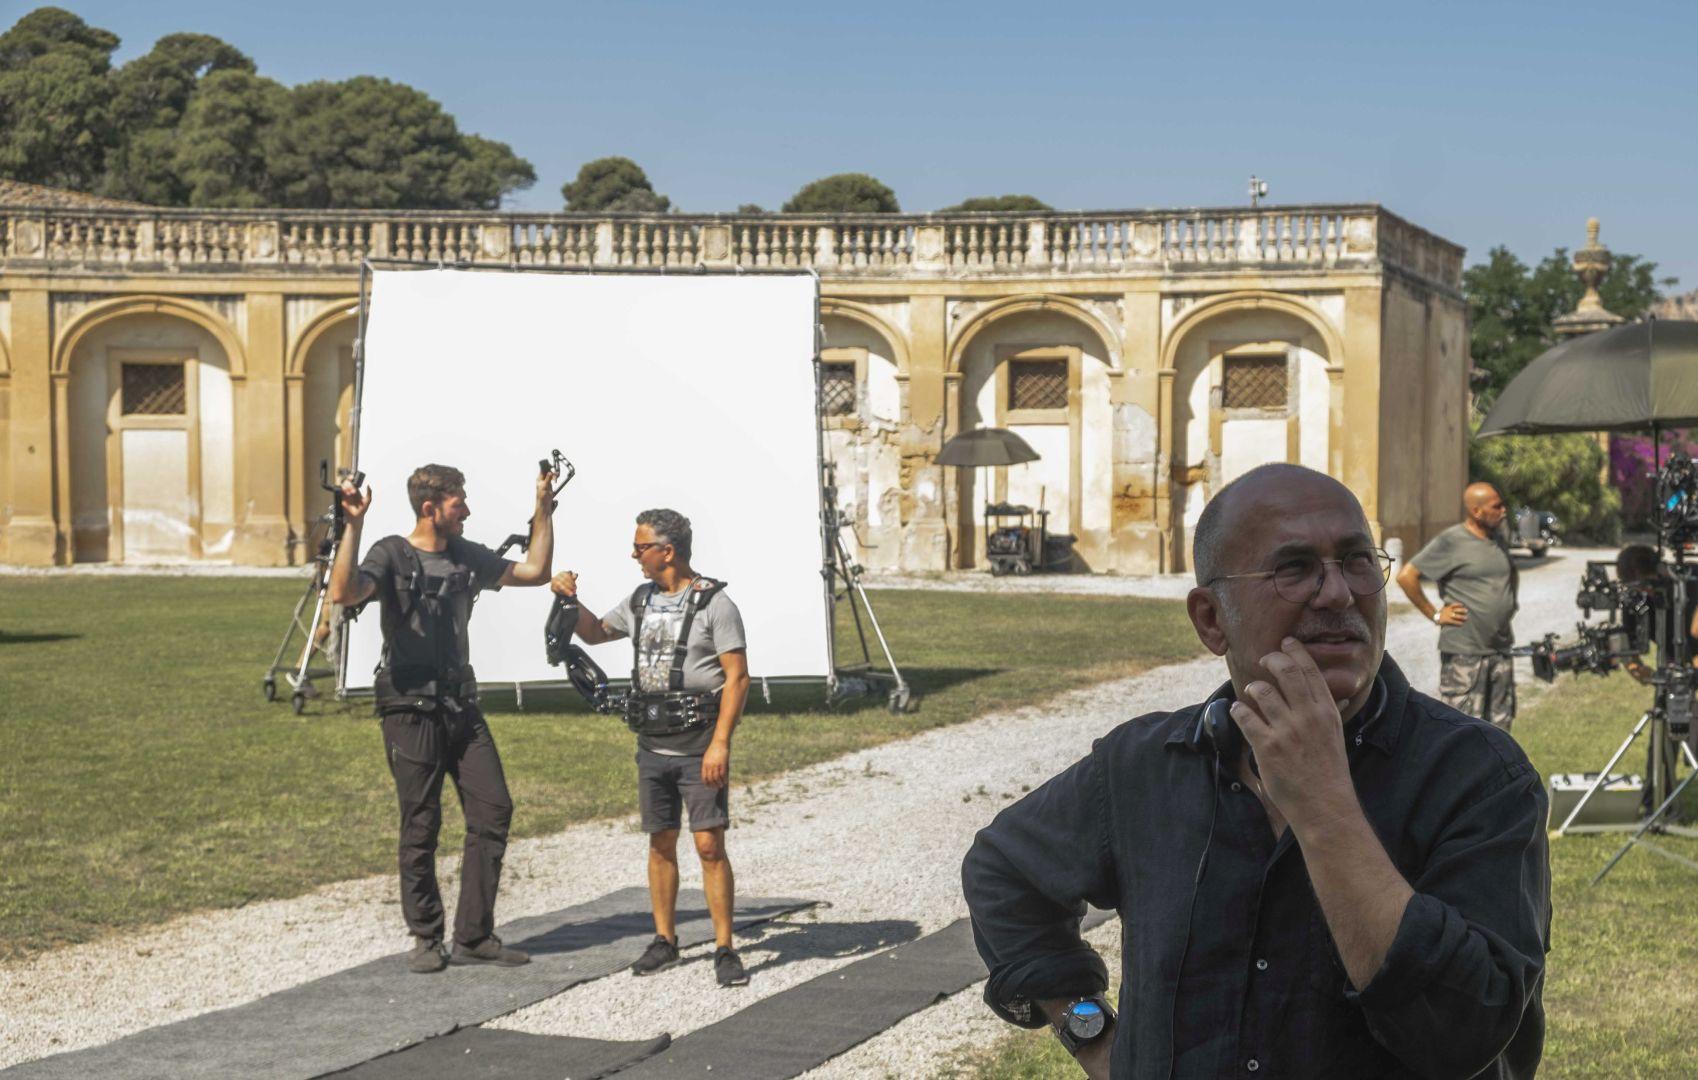 為支援《幸運女神》拍攝,羅馬政府首開先例出借「幸運女神神殿」古羅馬文物保護區2右為名導佛森歐茲派克(Ferzan Özpetek)